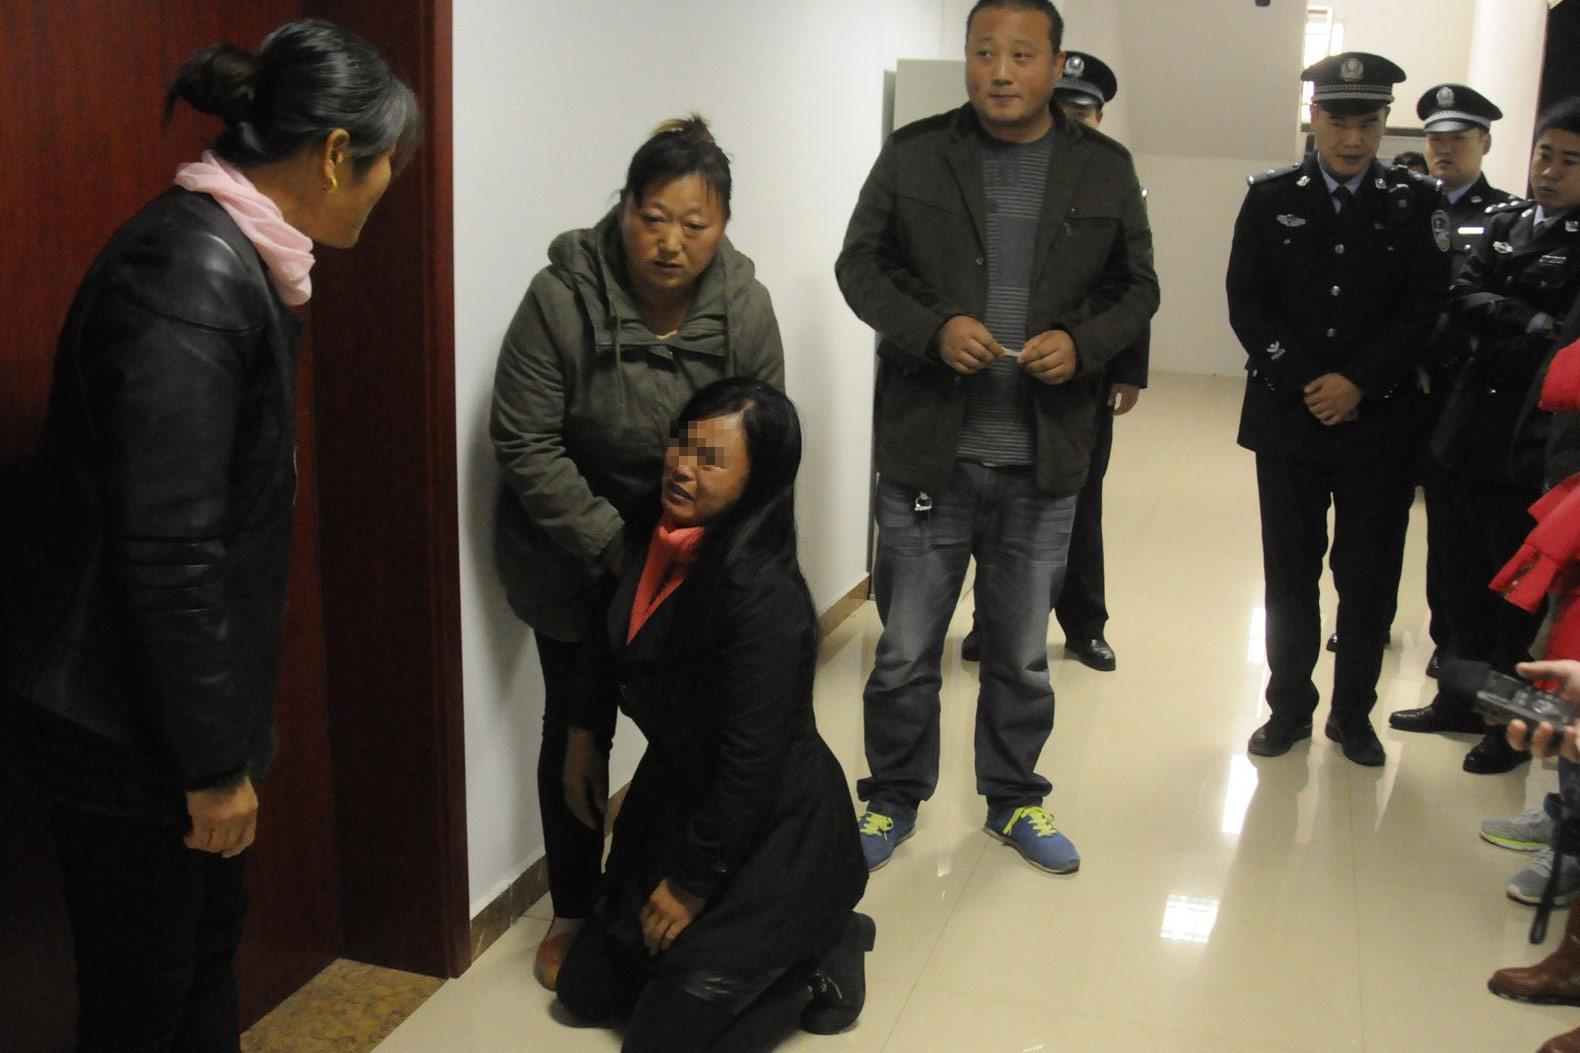 菏泽高考志愿篡改案宣判 被告母亲跪求原谅